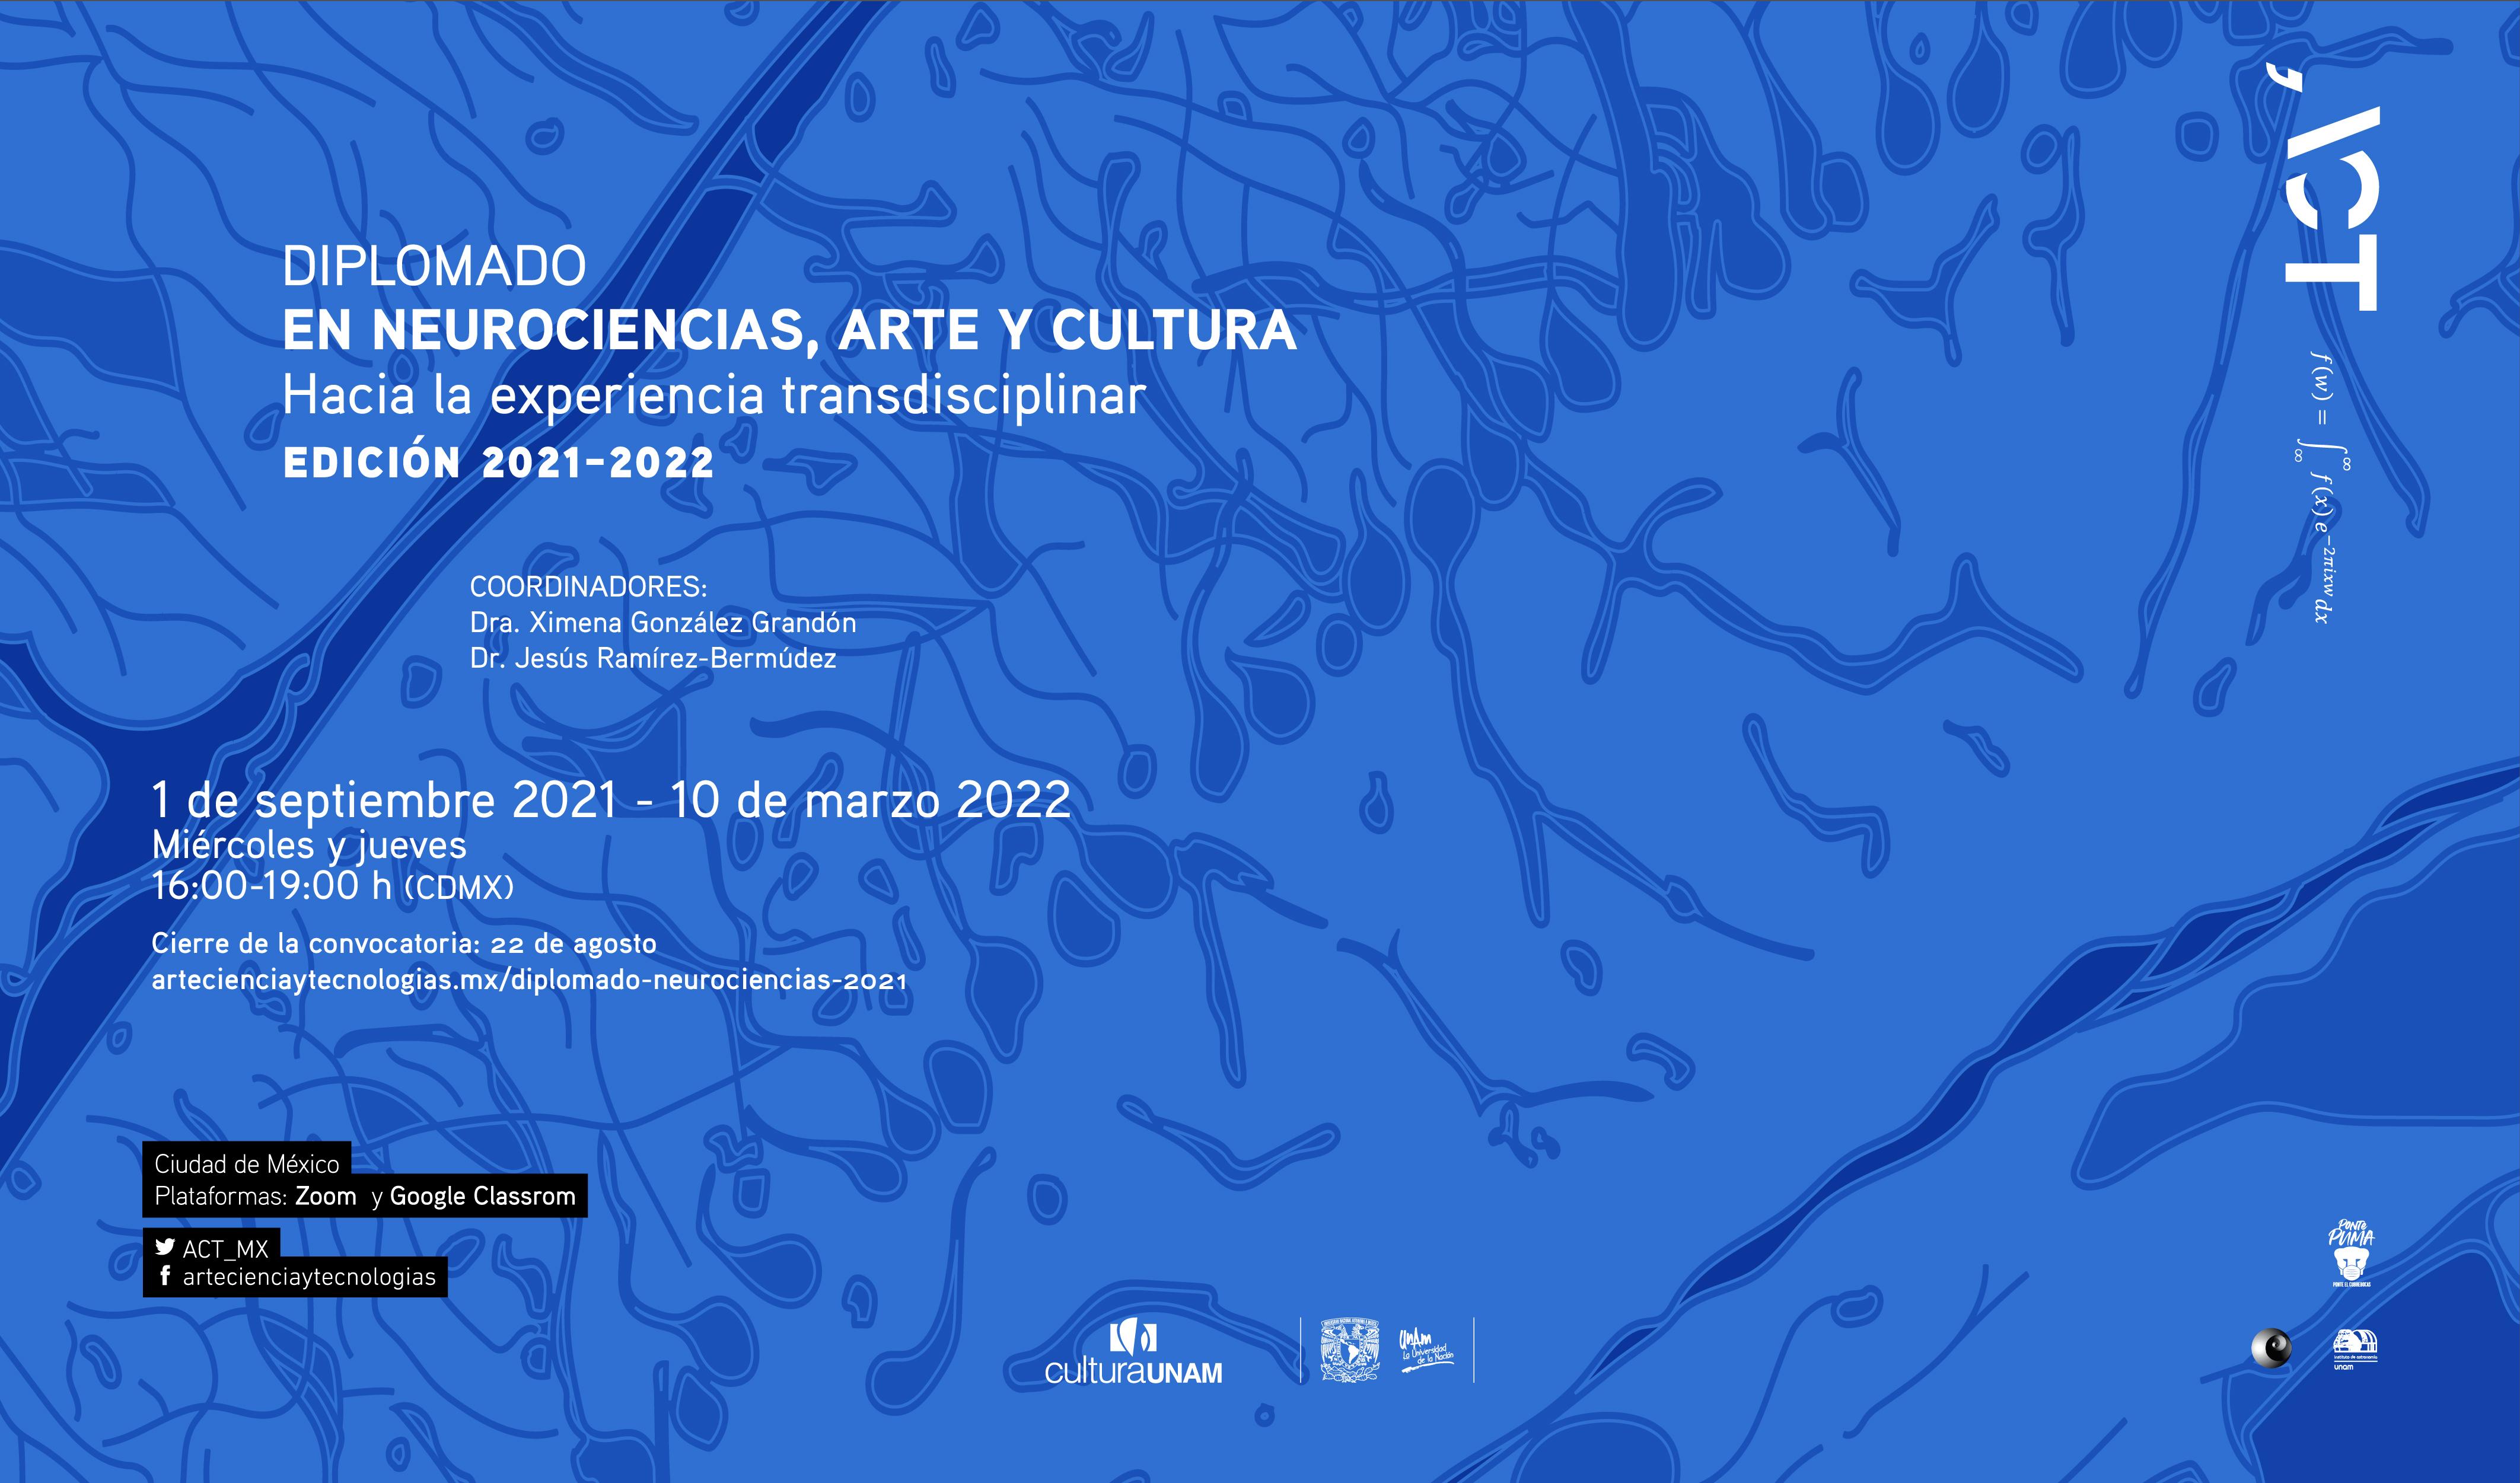 Diplomado en neurociencias, arte y cultura: Hacia la experiencia transdisciplinar